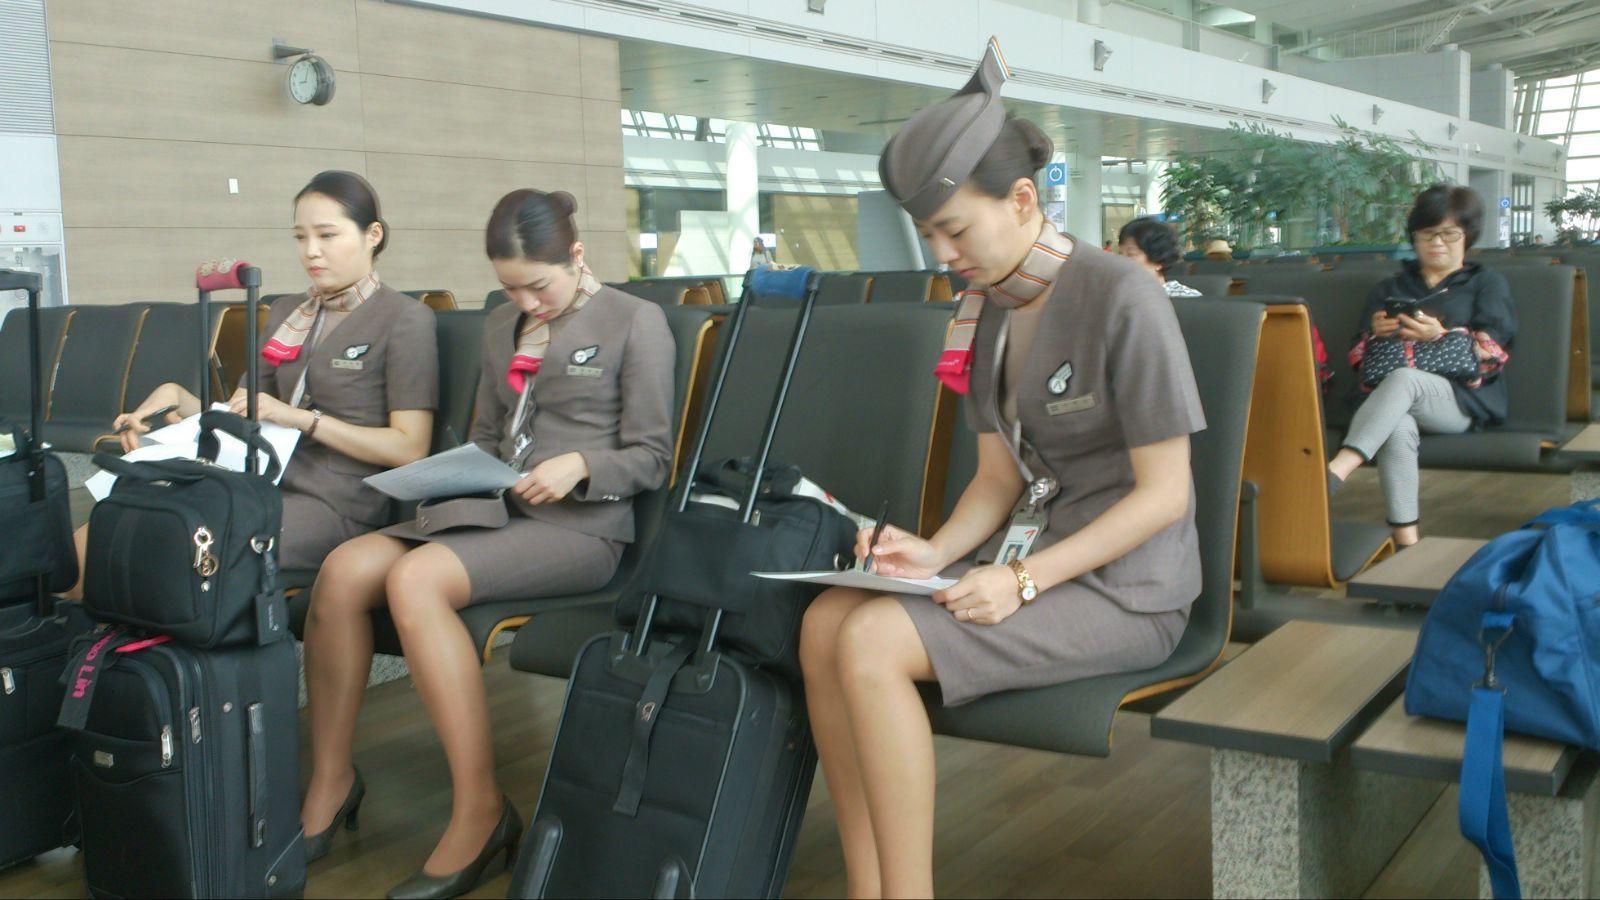 韩亚航空空姐_韩亚航空空姐们